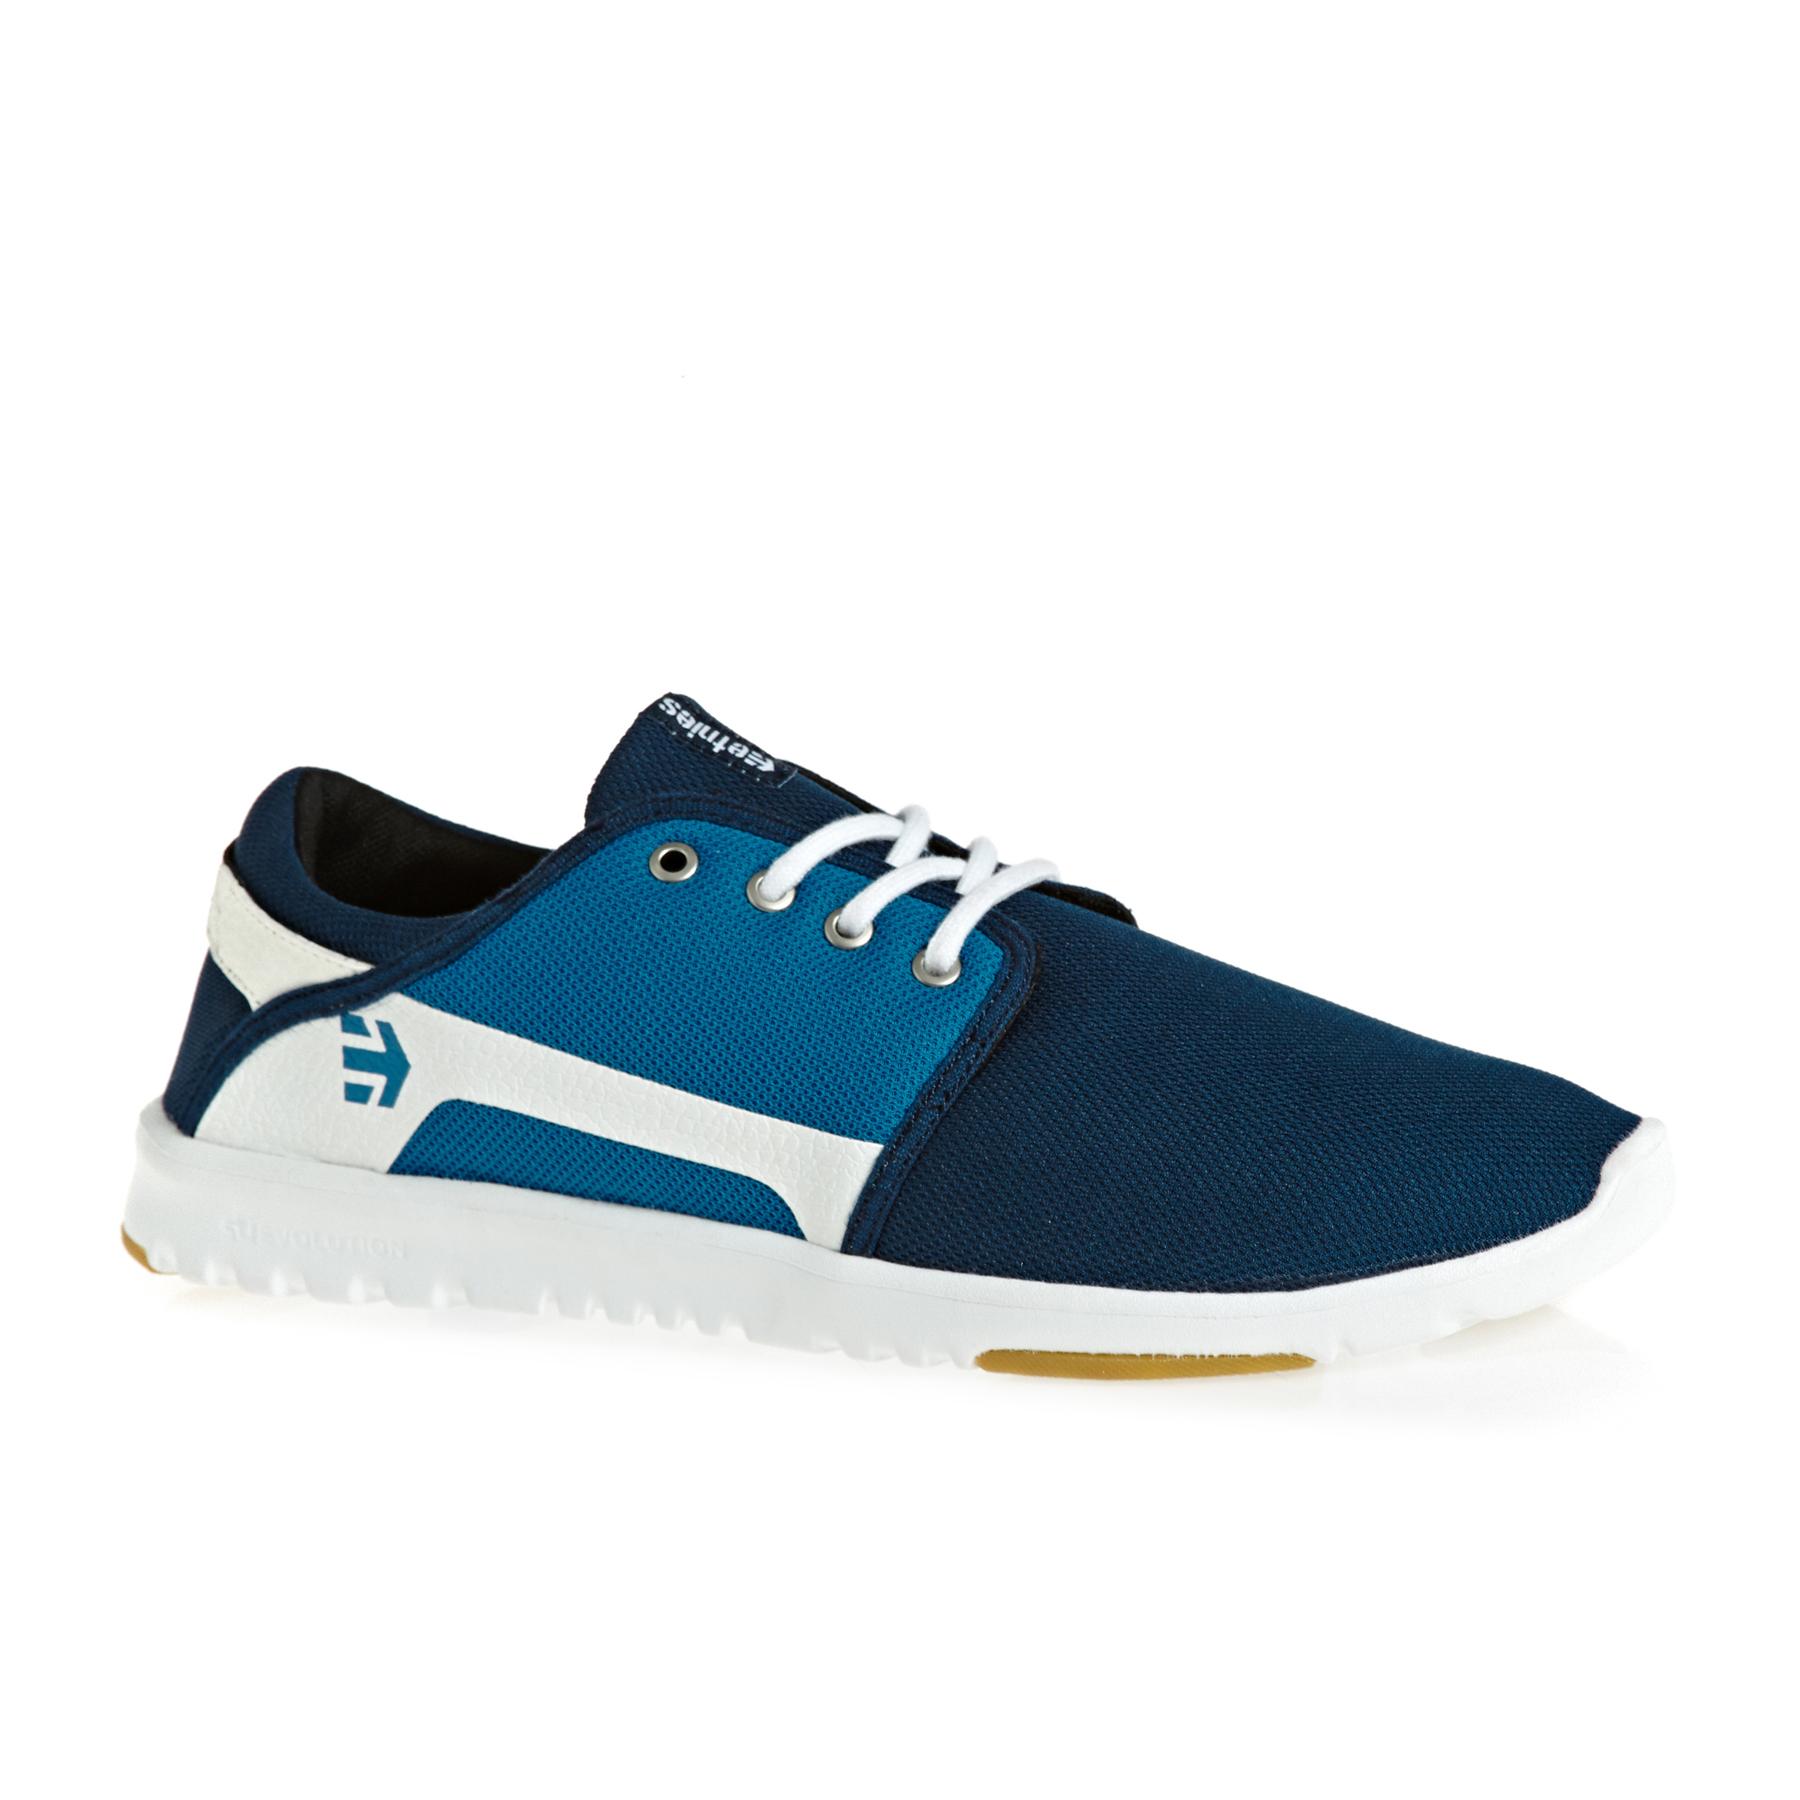 Adidas Originals A.R. , Skor finns nu hos Surfdome